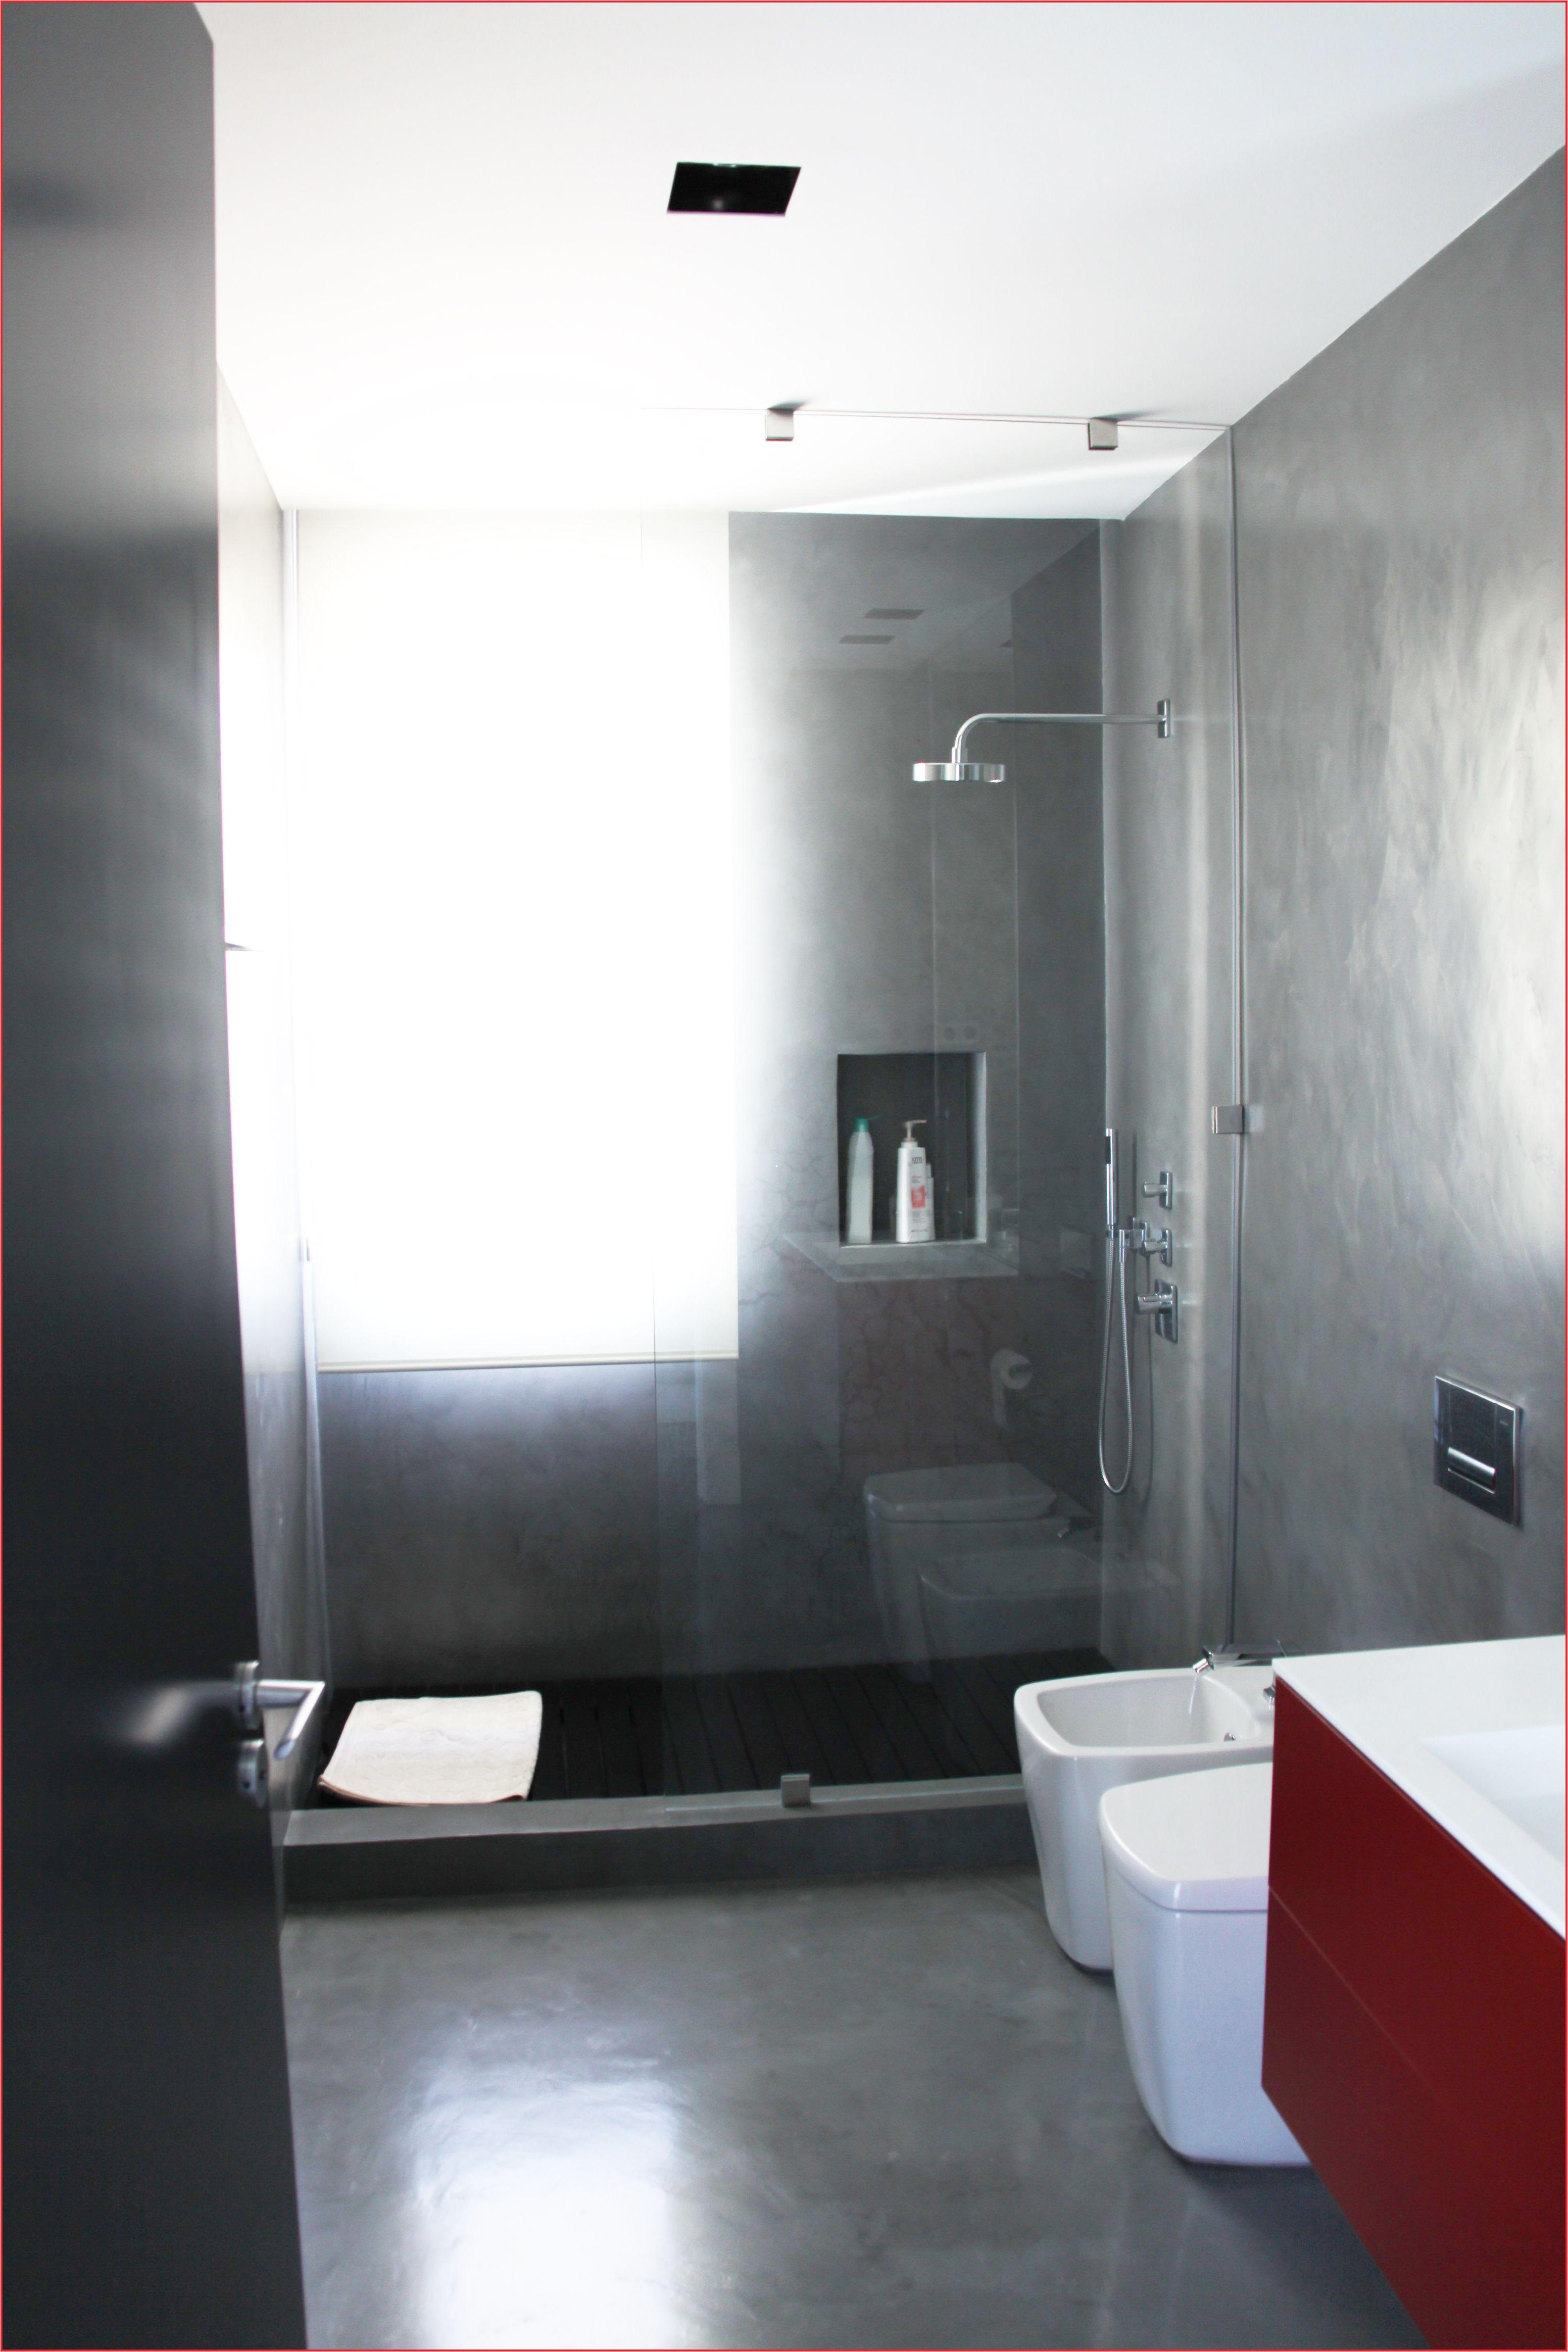 Ideas Para Remodelar Baños Baa Os Baratos 22891 Microcemento En Banos Ba C3 B1os De Bac3b1os 1